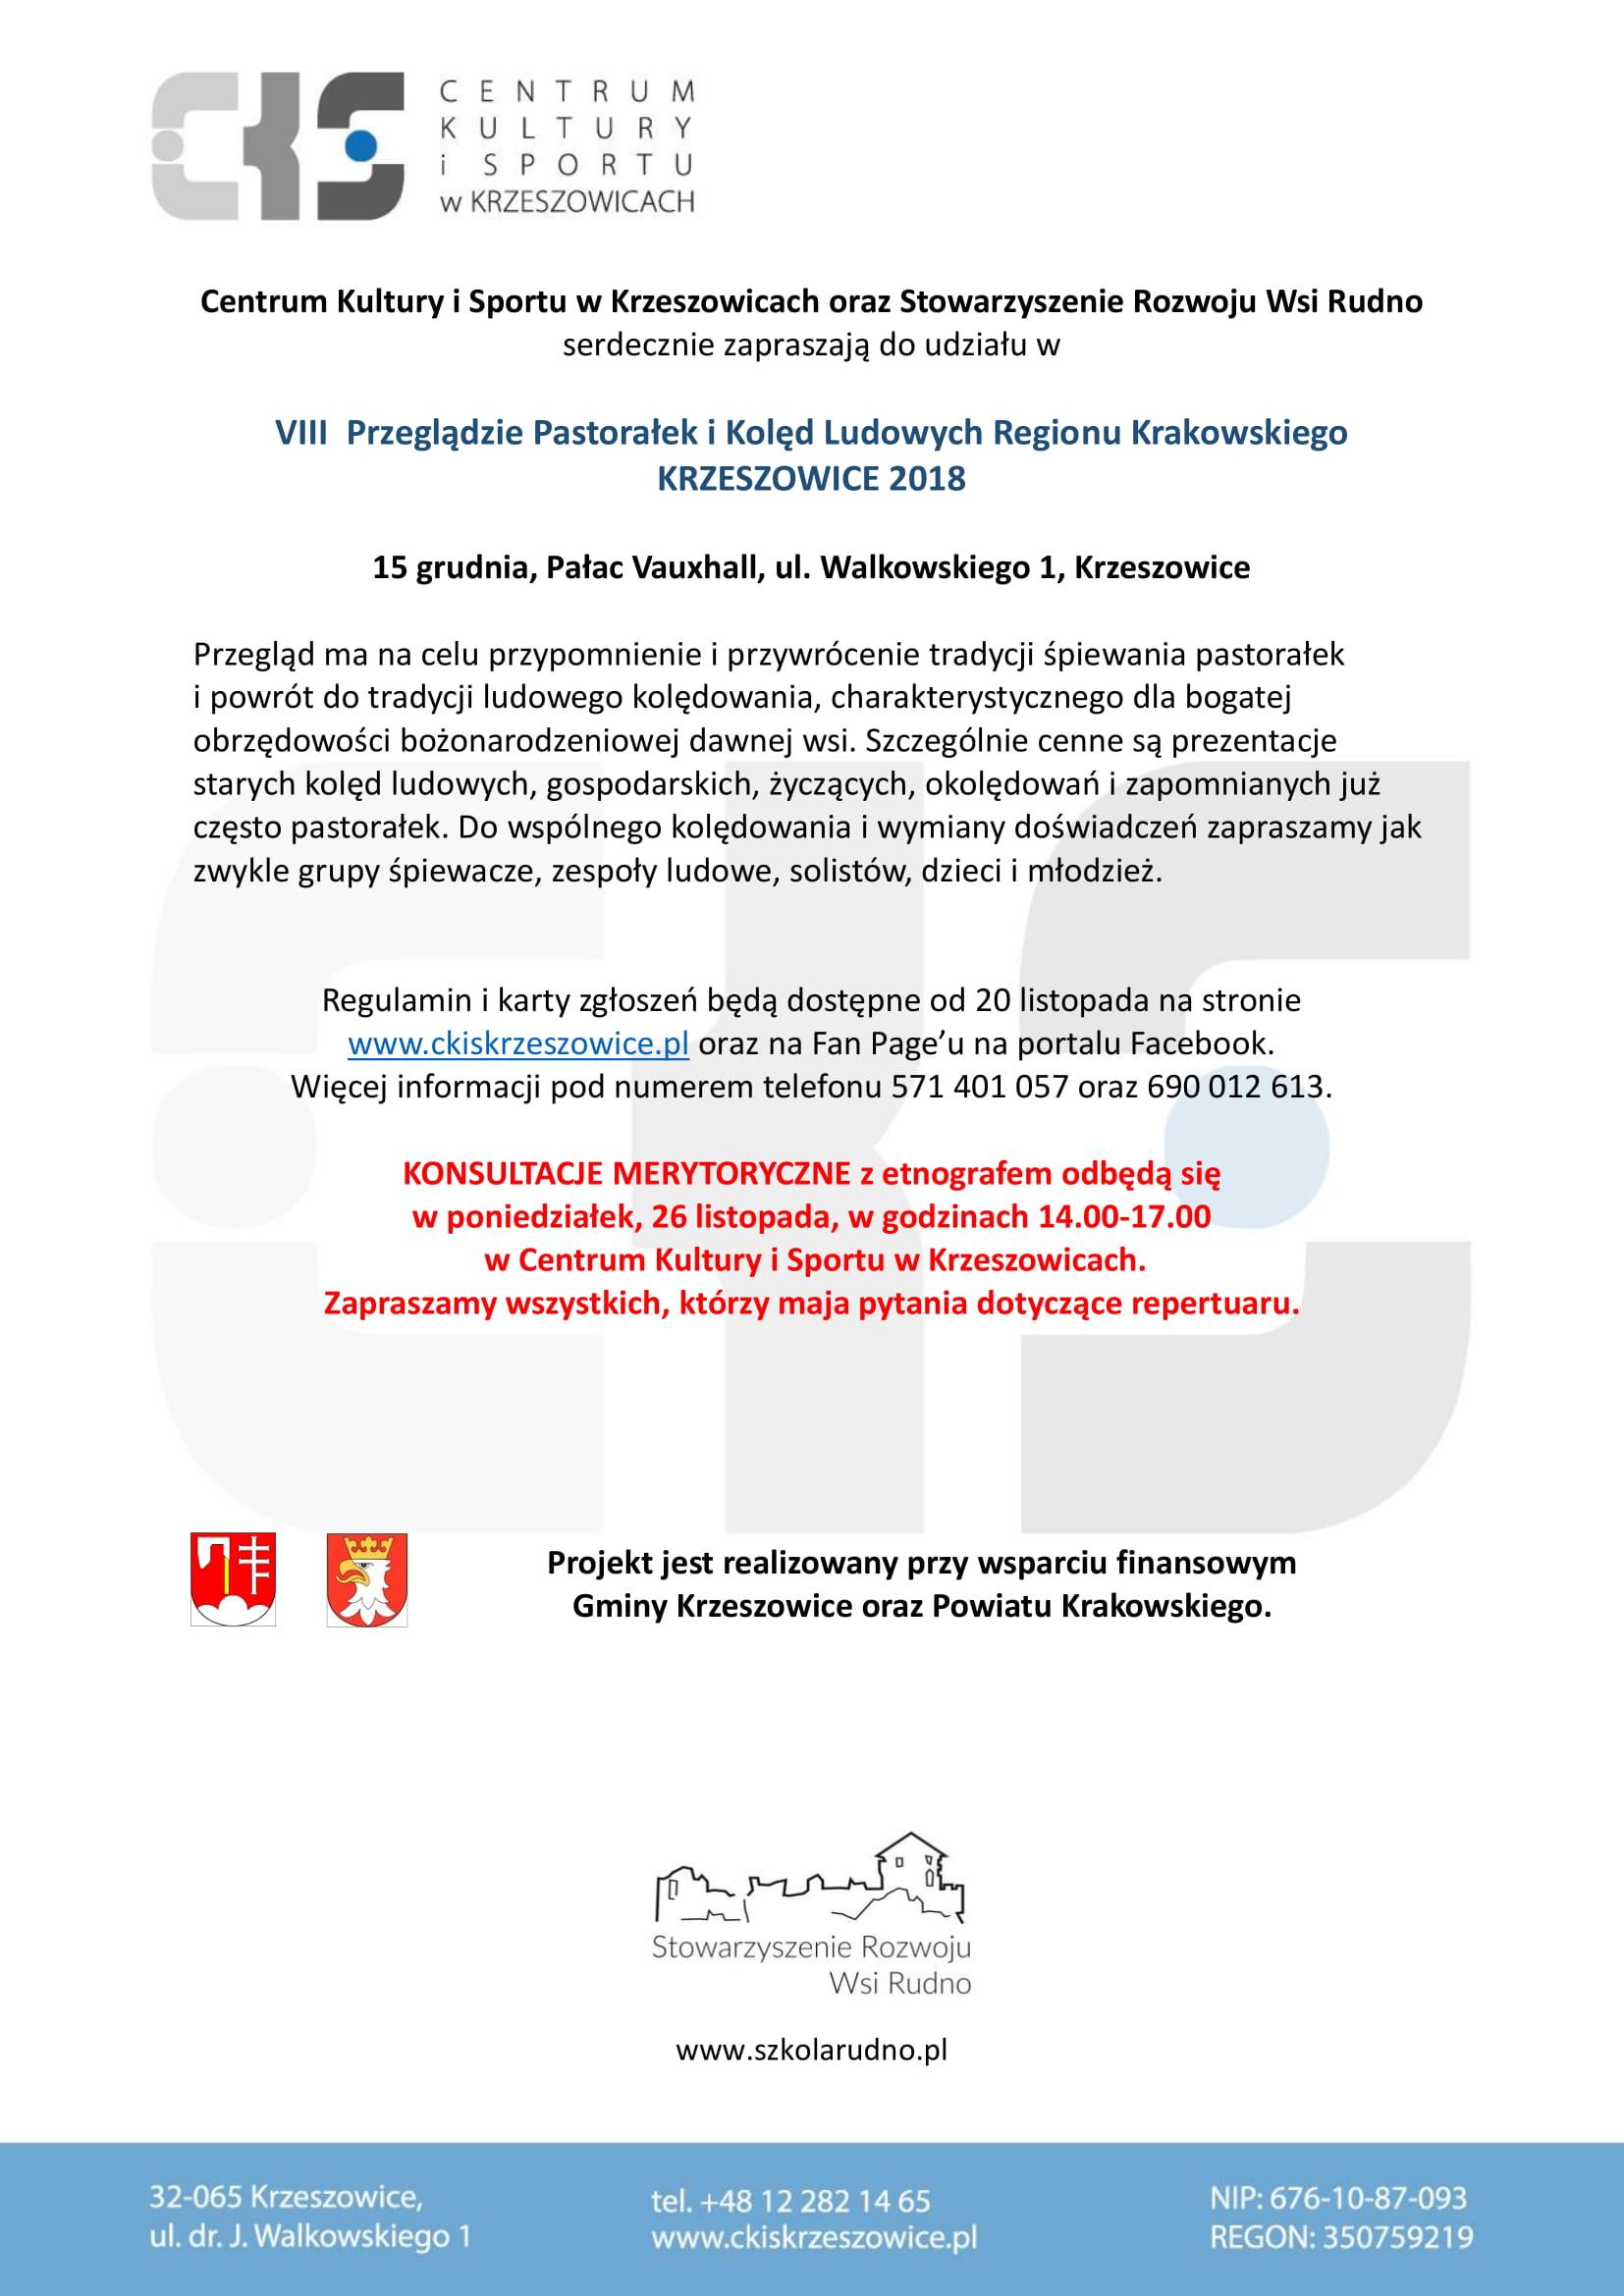 VIII Przegląd Pastorałek i Kolęd Ludowych Regionu Krzeszowickiego @ Pałac Vauxhall | Krzeszowice | małopolskie | Polska